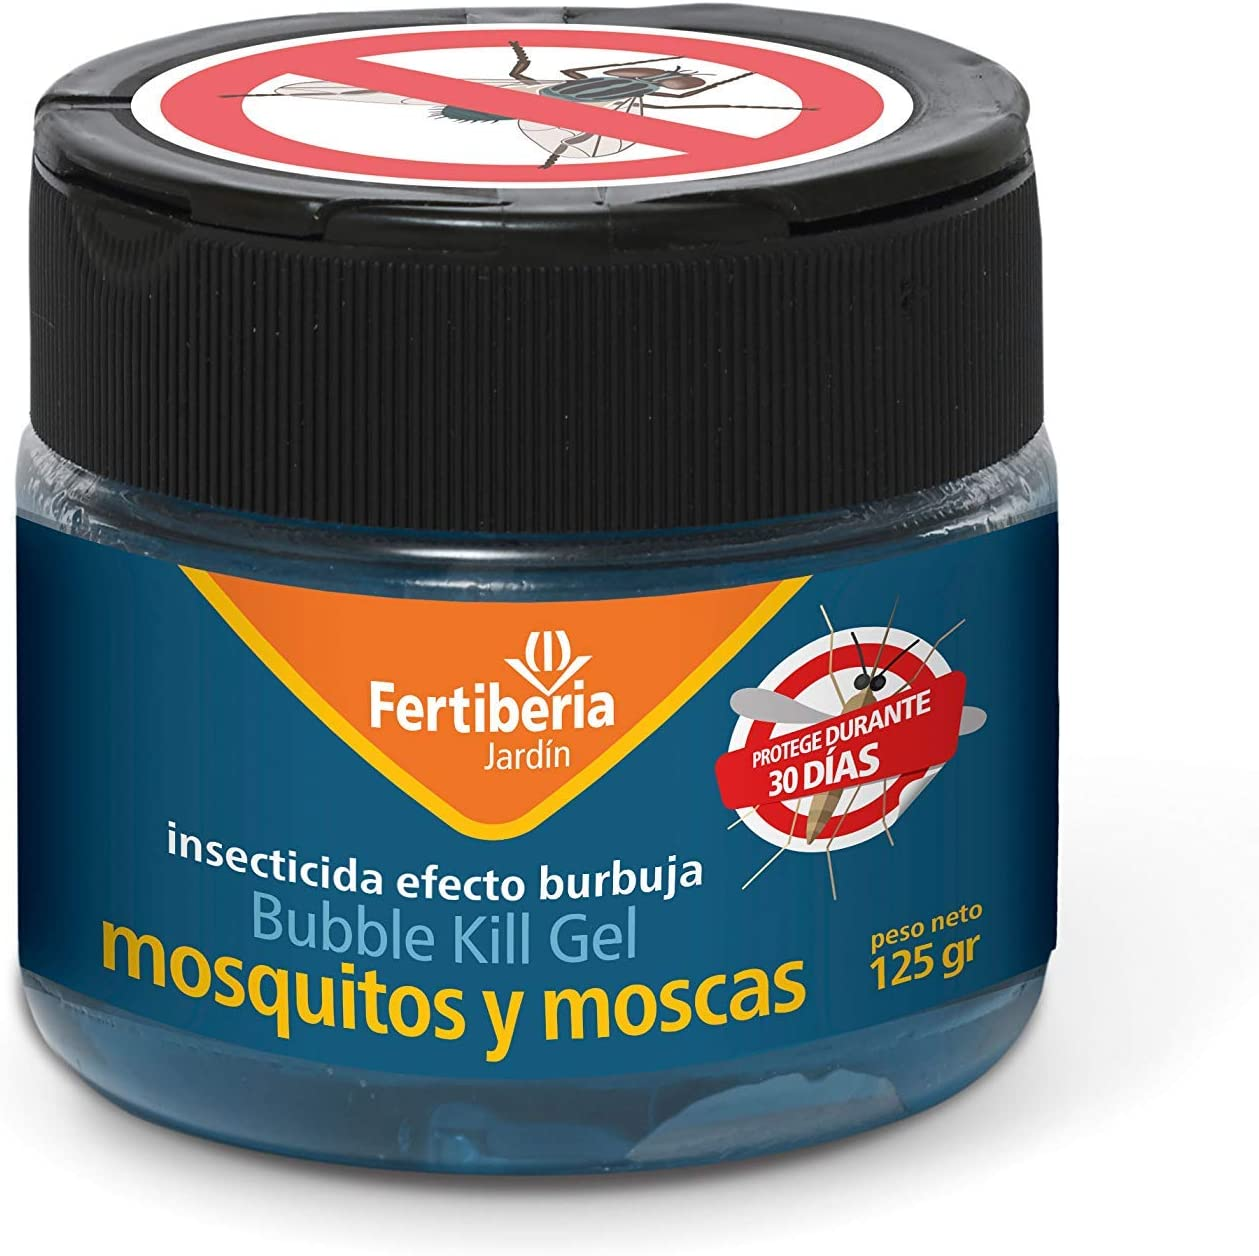 FERTIBERIA JARDÍN Insecticida Gel Mosquitos y Moscas (Bubble Kill Gel) - Bote 125 gr.: Amazon.es: Jardín